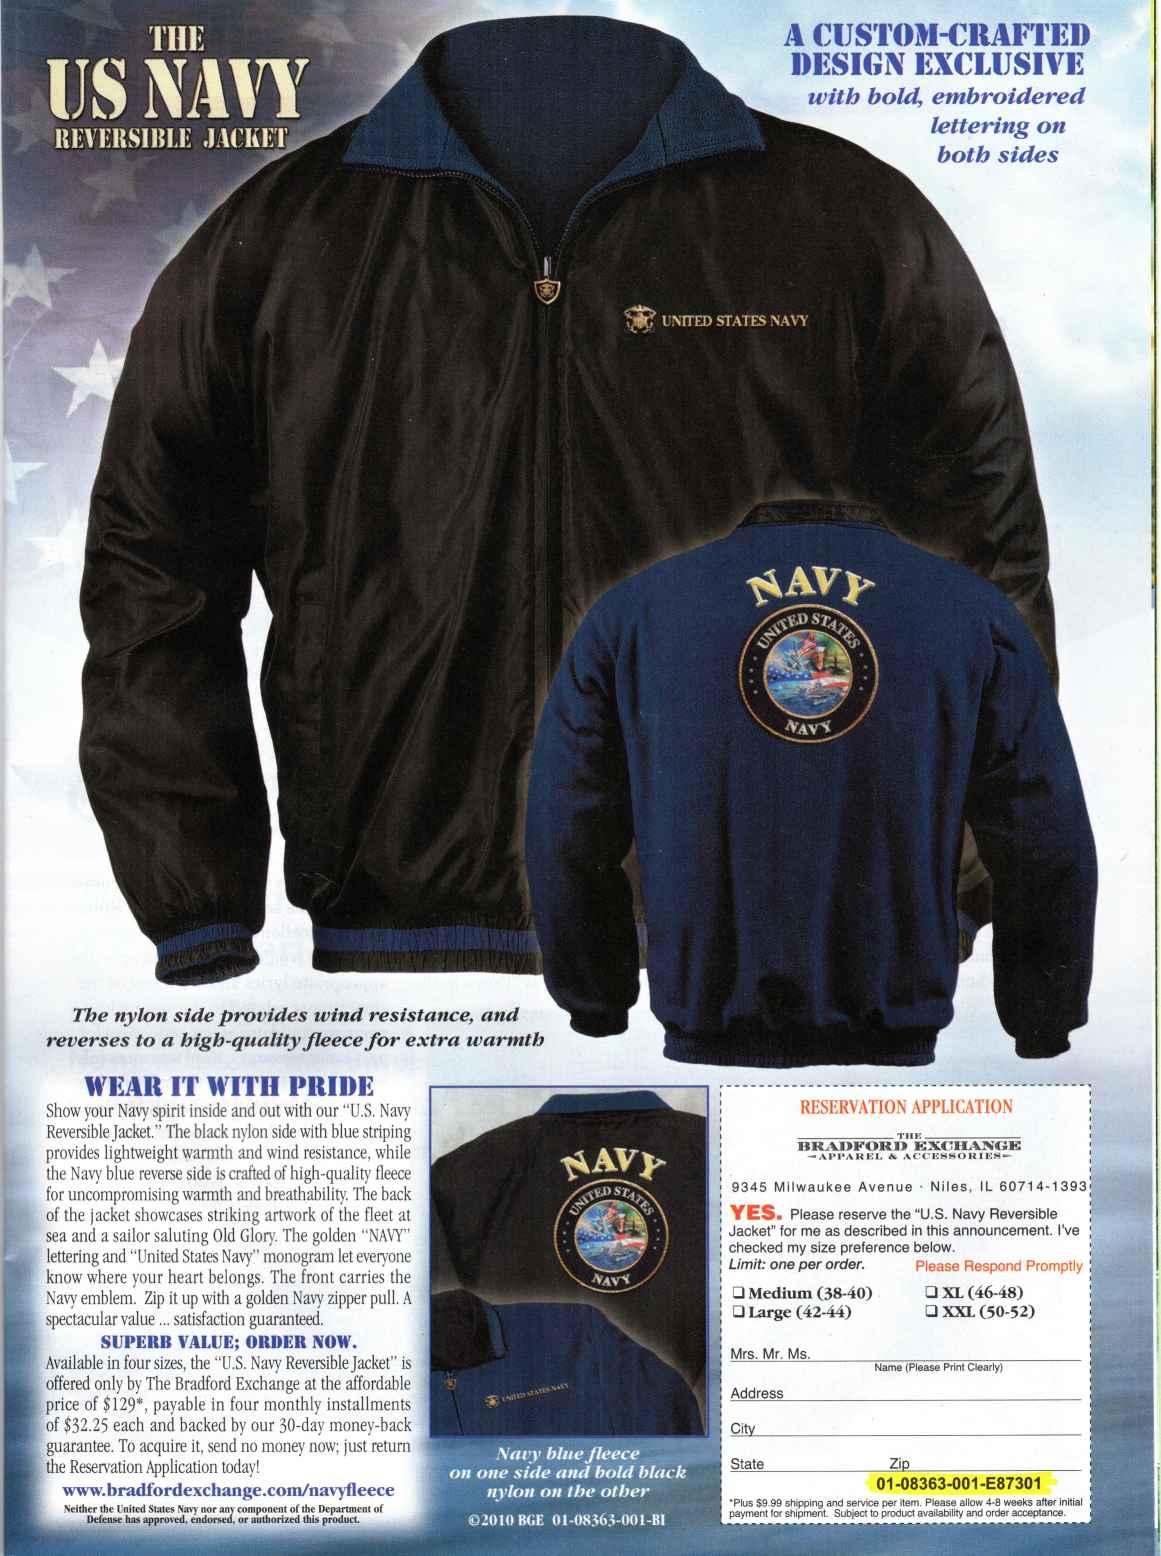 A Reversible Navy Jacket